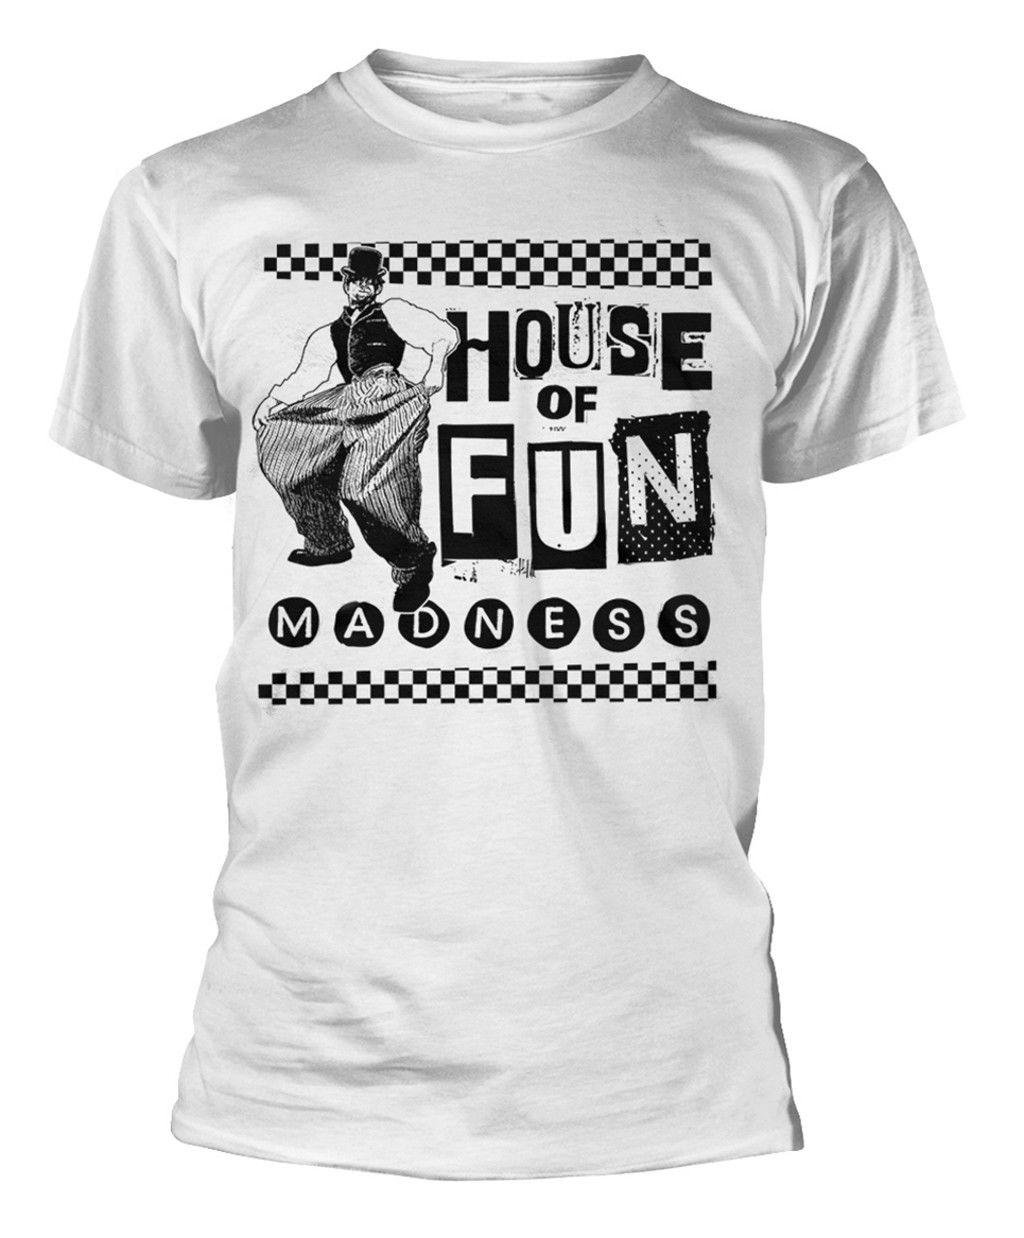 Madness Baggy Haus Der SpaT-Shirt - NEU UND OFFIZIELL Hip Hop Clothing Cotton Short Sleeve T Shirt Top Tee O-Neck T Shirt